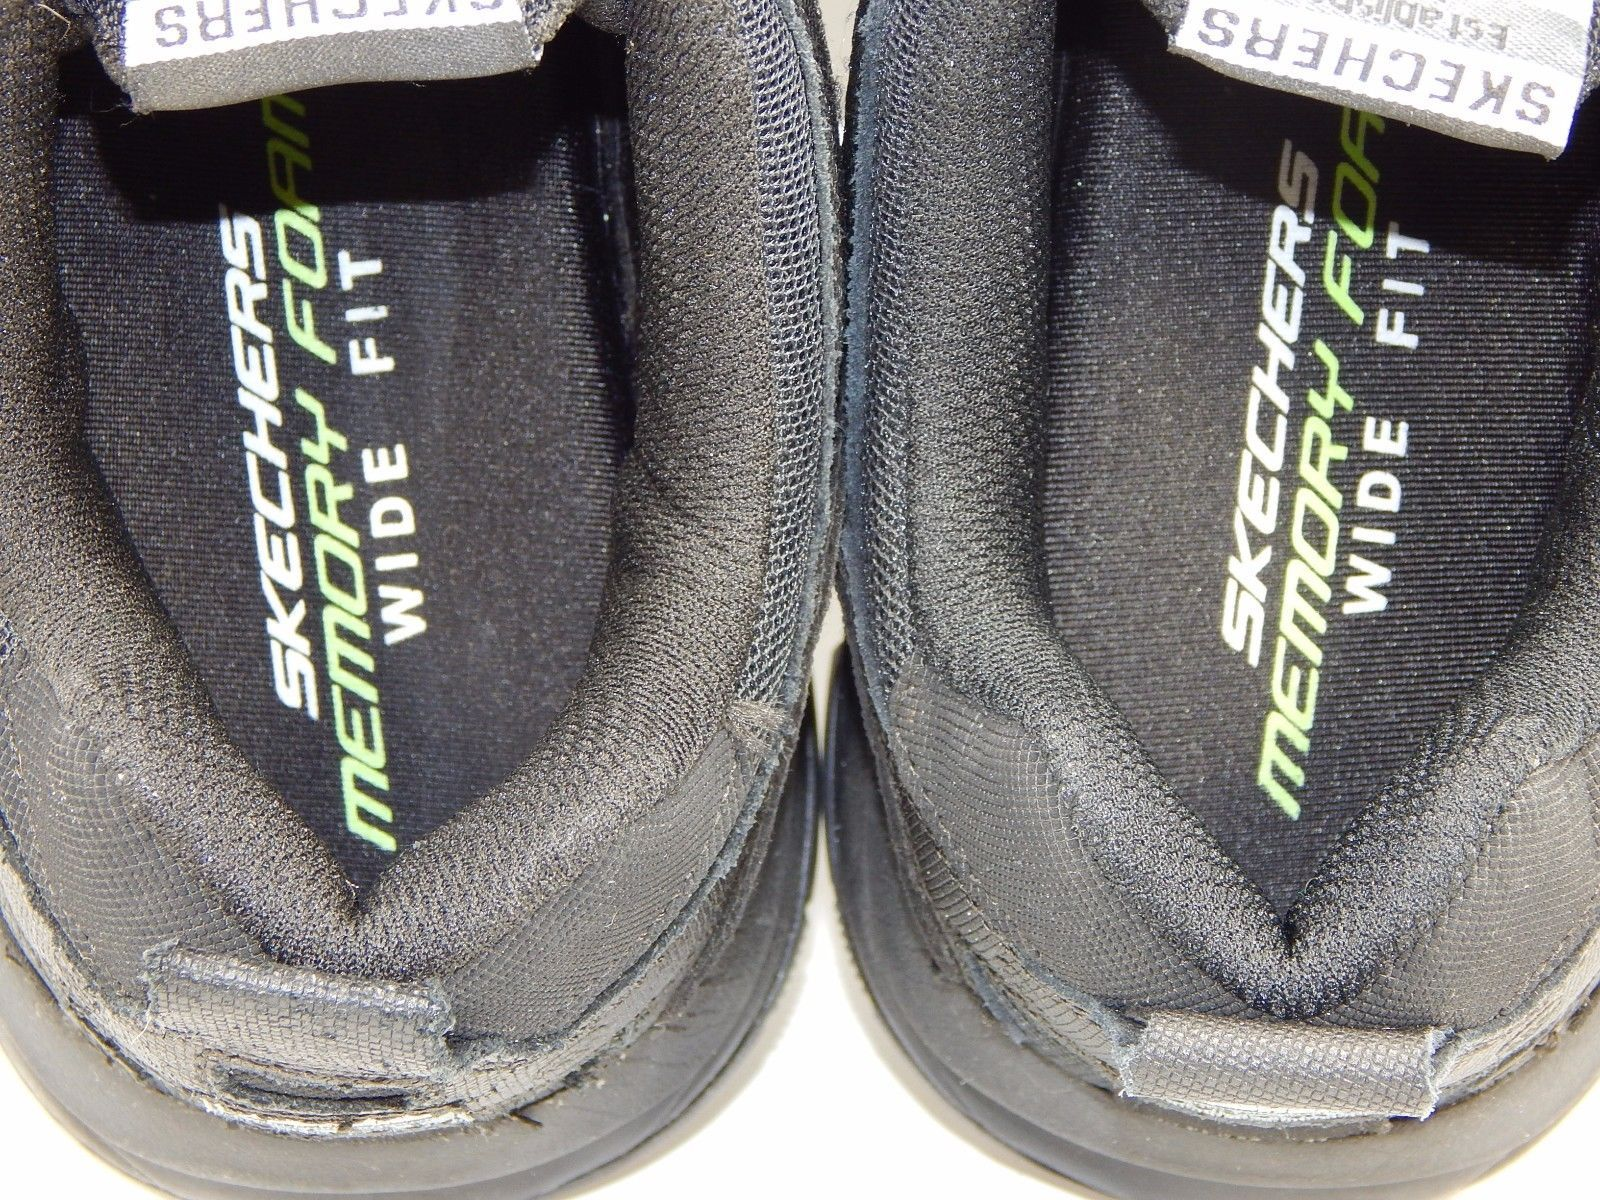 Skechers Vigor 2.0 Trait Memory Foam Men's Athletic Shoes Sz US 9 2E WIDE EU 42